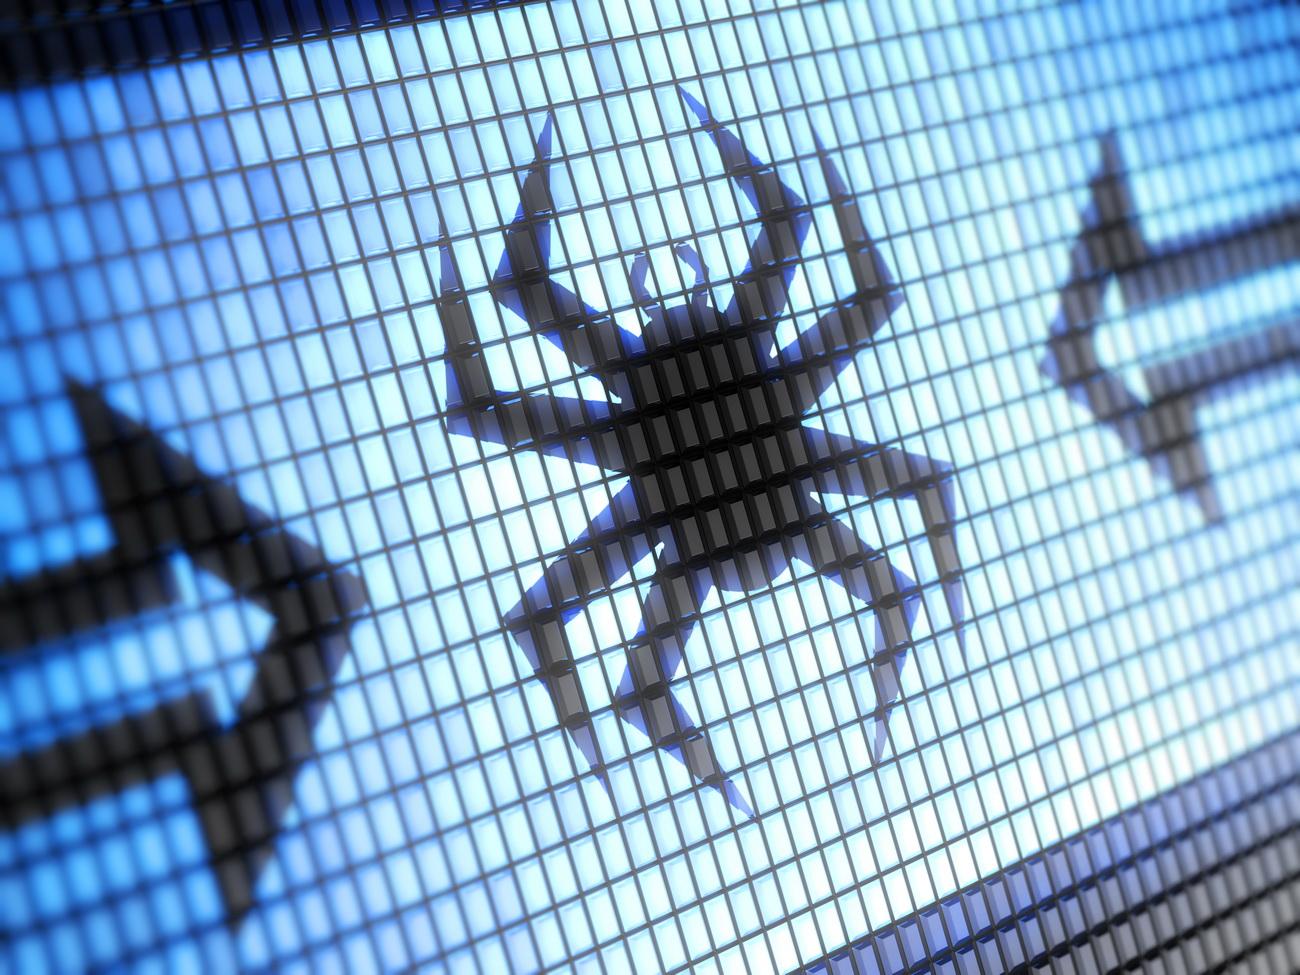 Уязвимость в Jira позволяла получить конфиденциальную информацию о пользователях